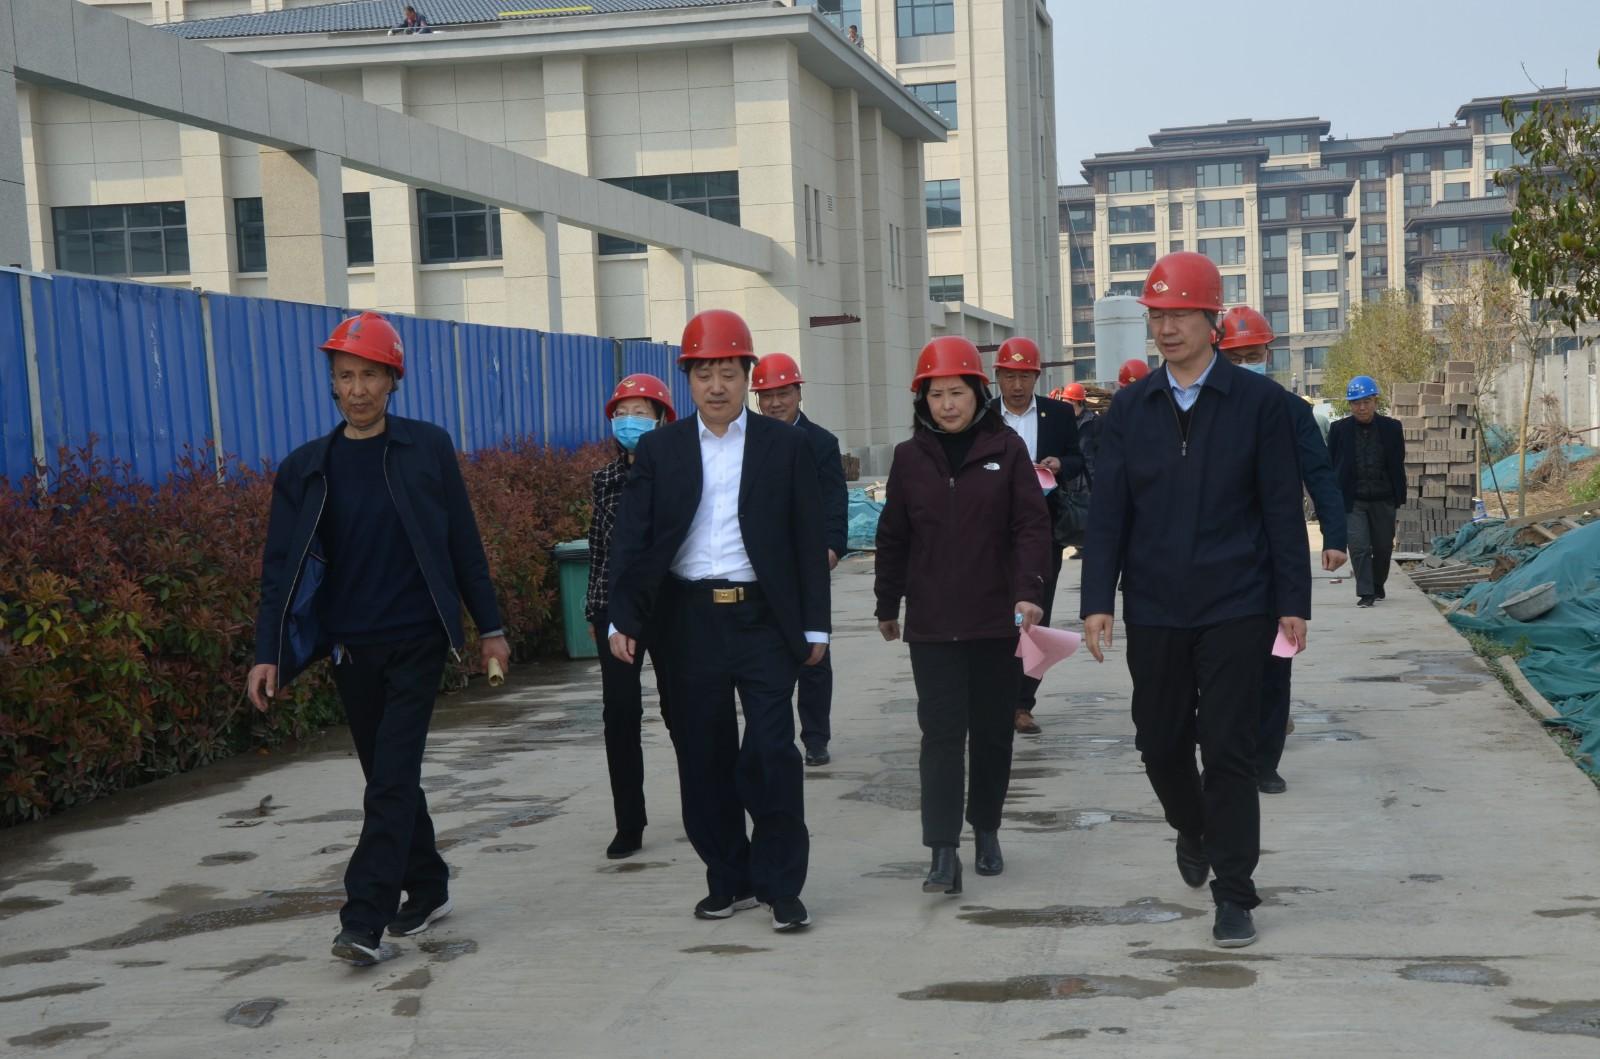 民政部领导到安阳市残疾人康复中心项目调研